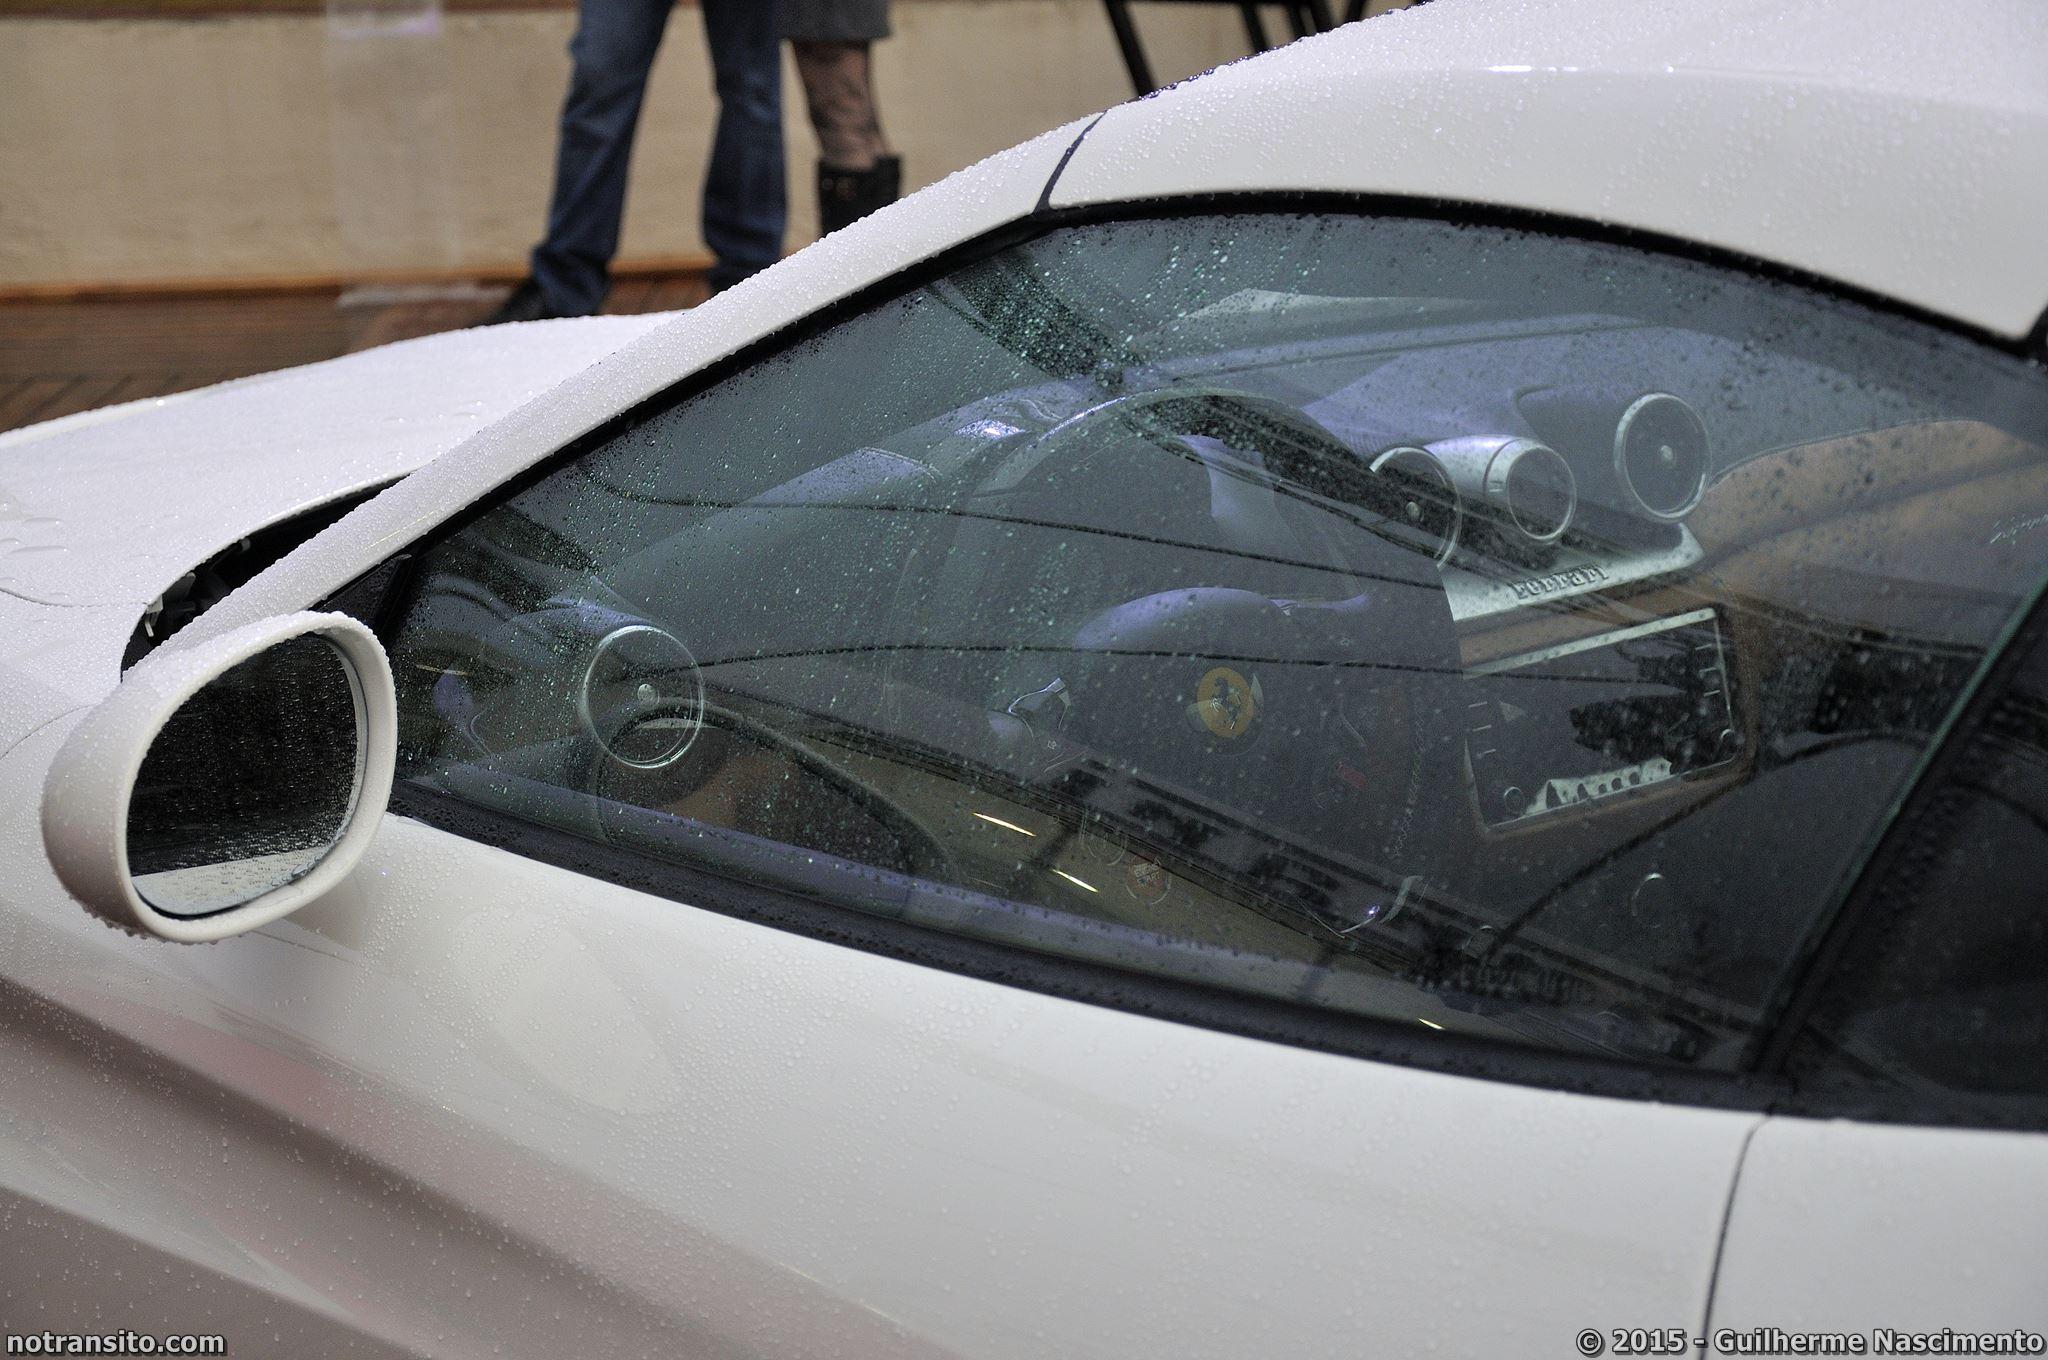 Ferrari California T, Bianco Avus, Marina Tedesco, Lançamento 458 Speciale Aperta, Via Itália